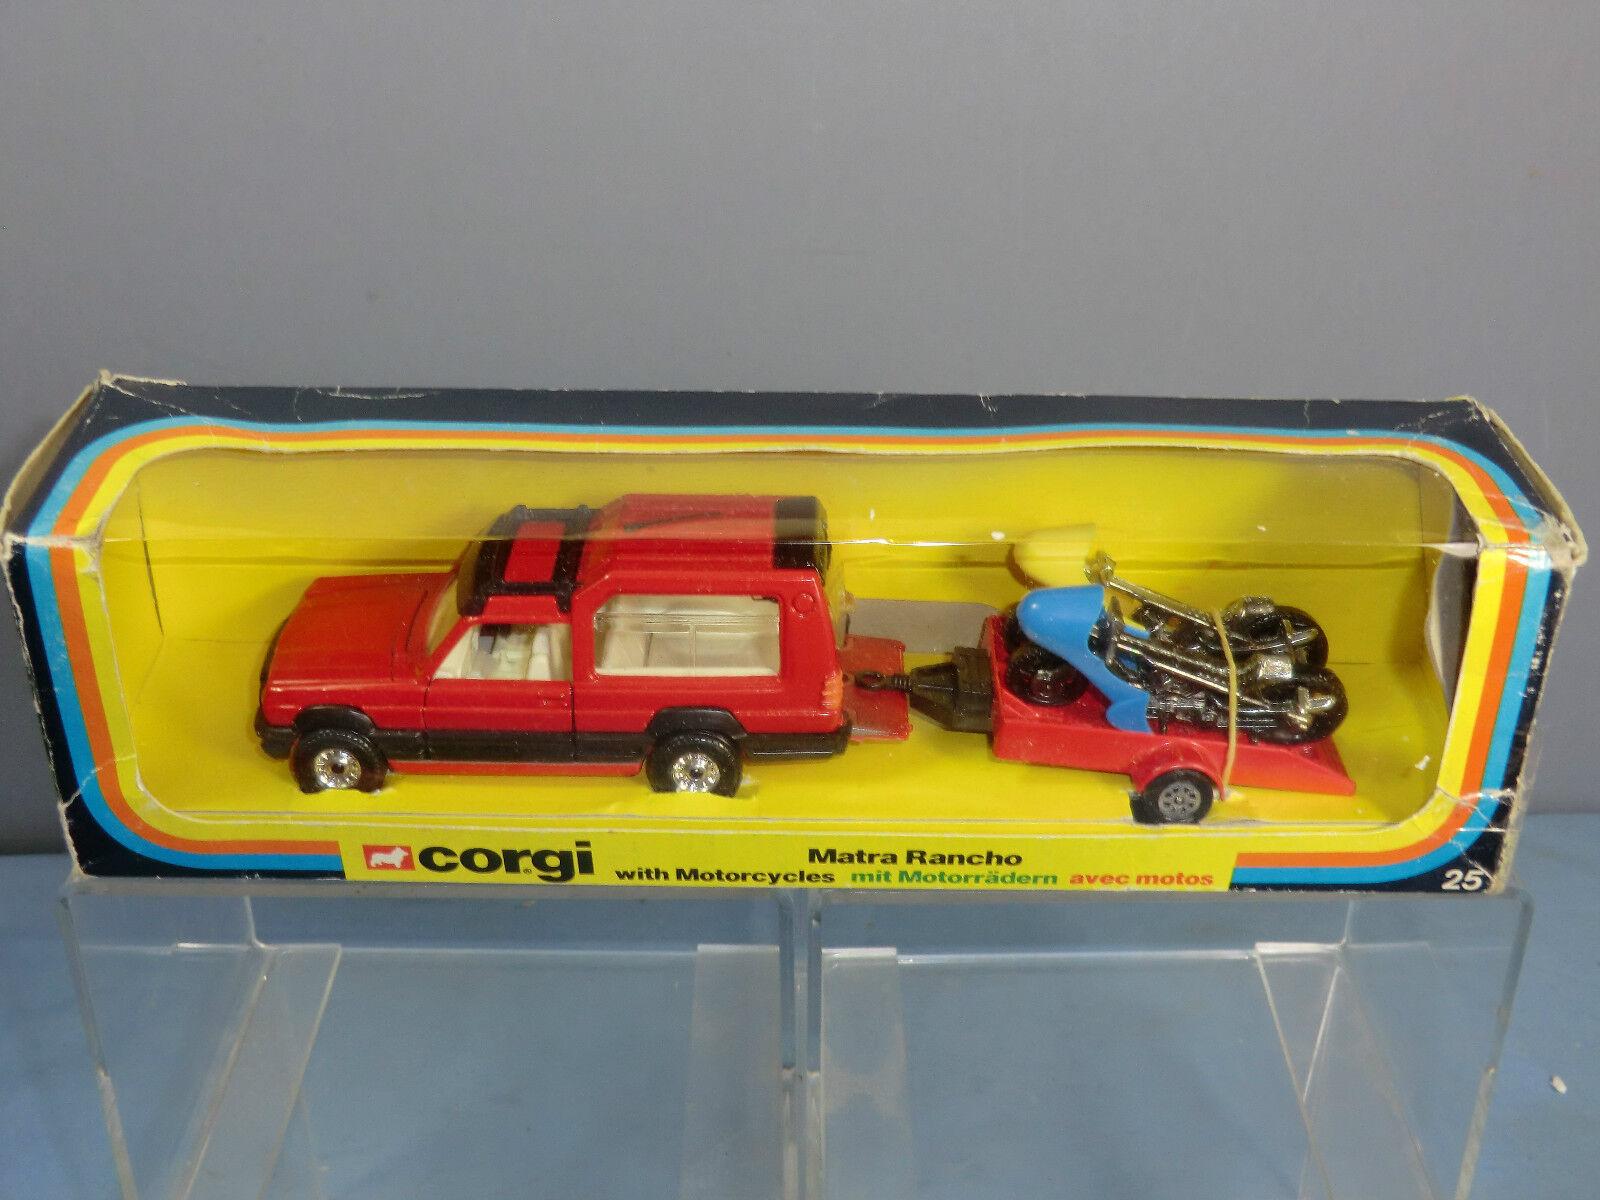 Corgi spielzeug geschenkset talbot matra rancho mit 25 modell no.gs motorräder im mib